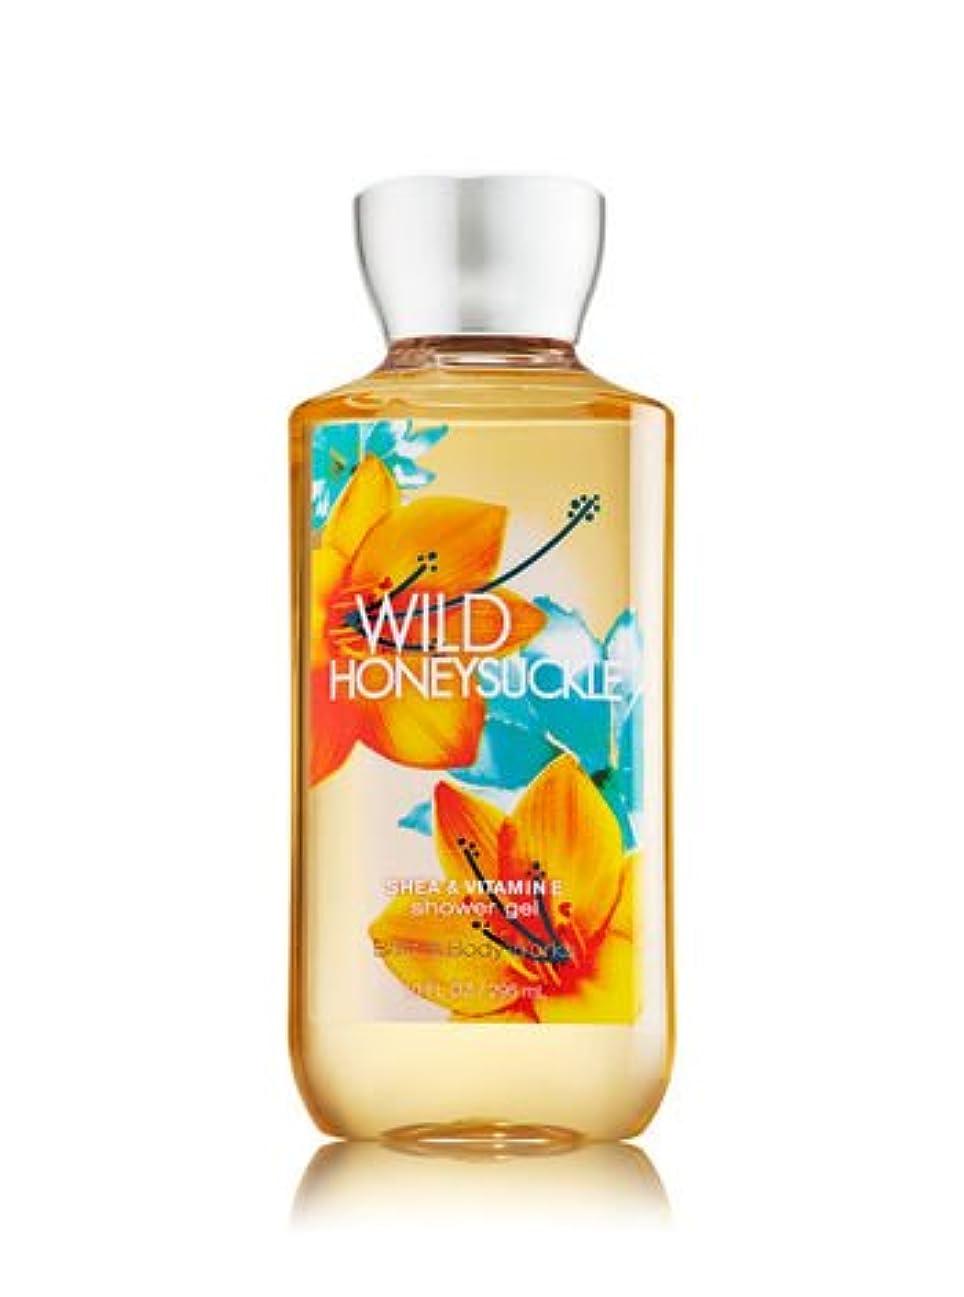 収束拡張彫る【Bath&Body Works/バス&ボディワークス】 シャワージェル ワイルドハニーサックル Shower Gel Wild Honeysuckle 10 fl oz / 295 mL [並行輸入品]